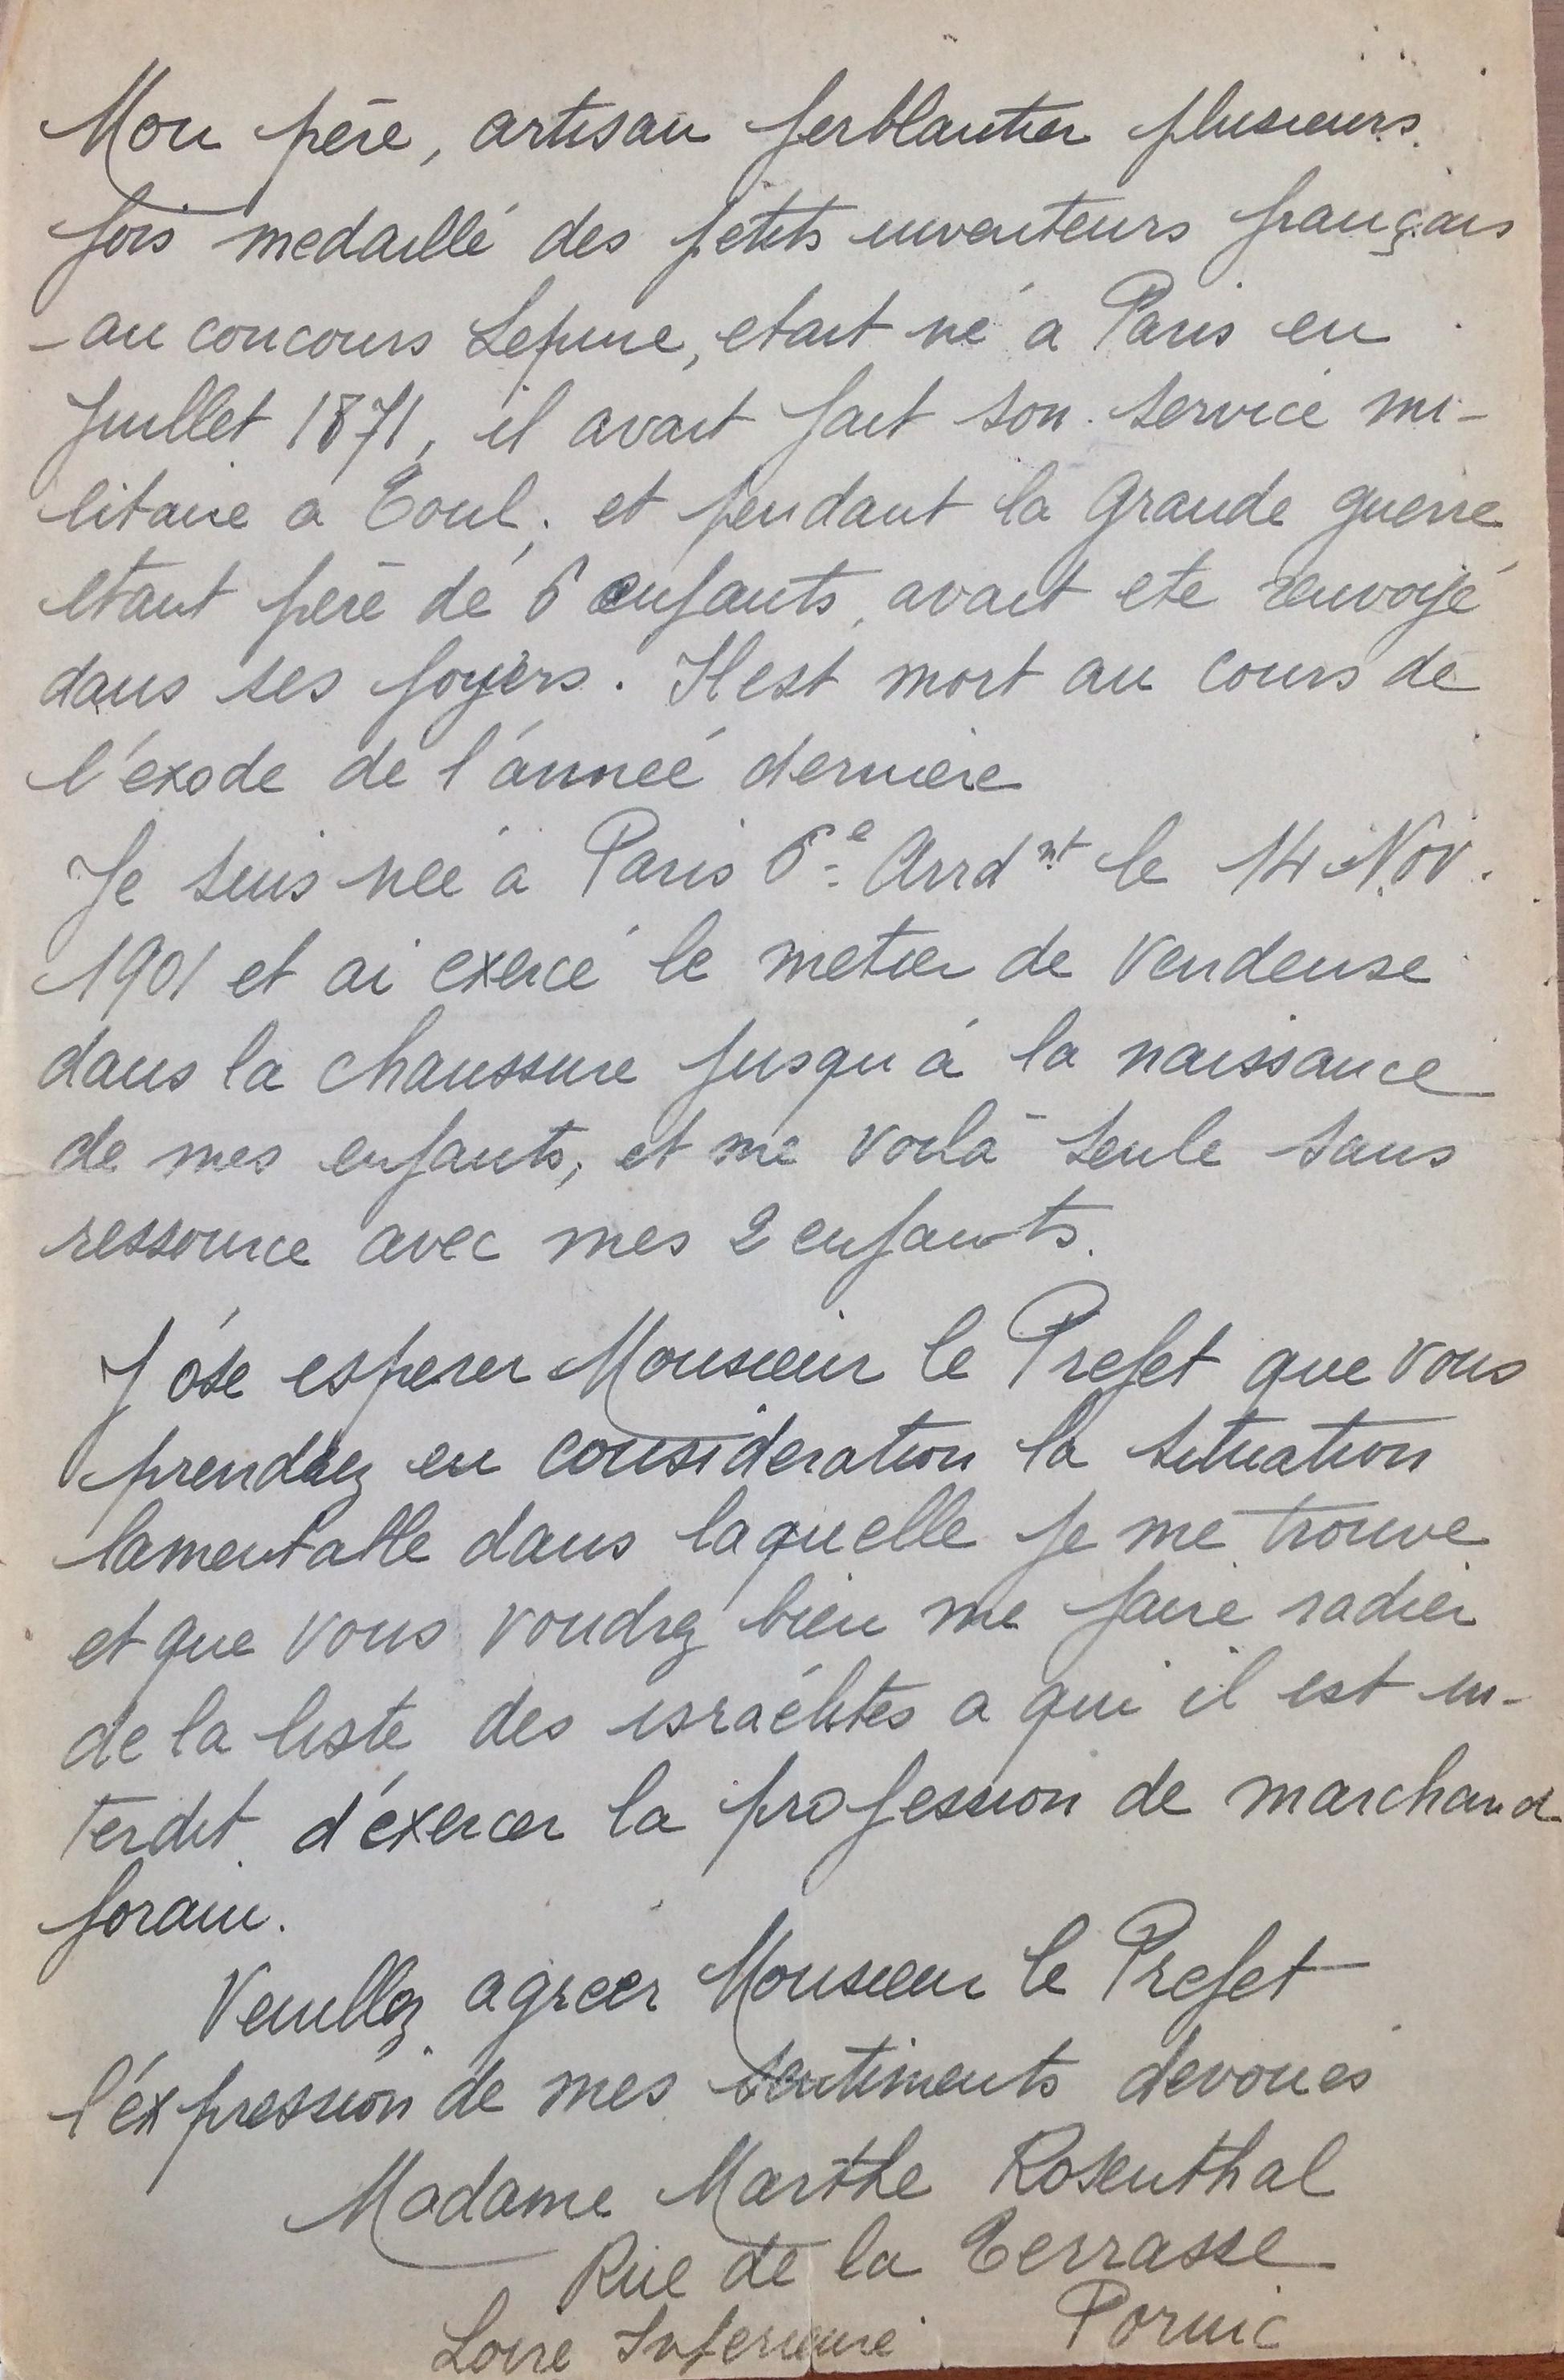 Courrier de Marthe ROSENTHAL au Préfet de Loire-Inférieure, sans date [ADLA 1694W21]